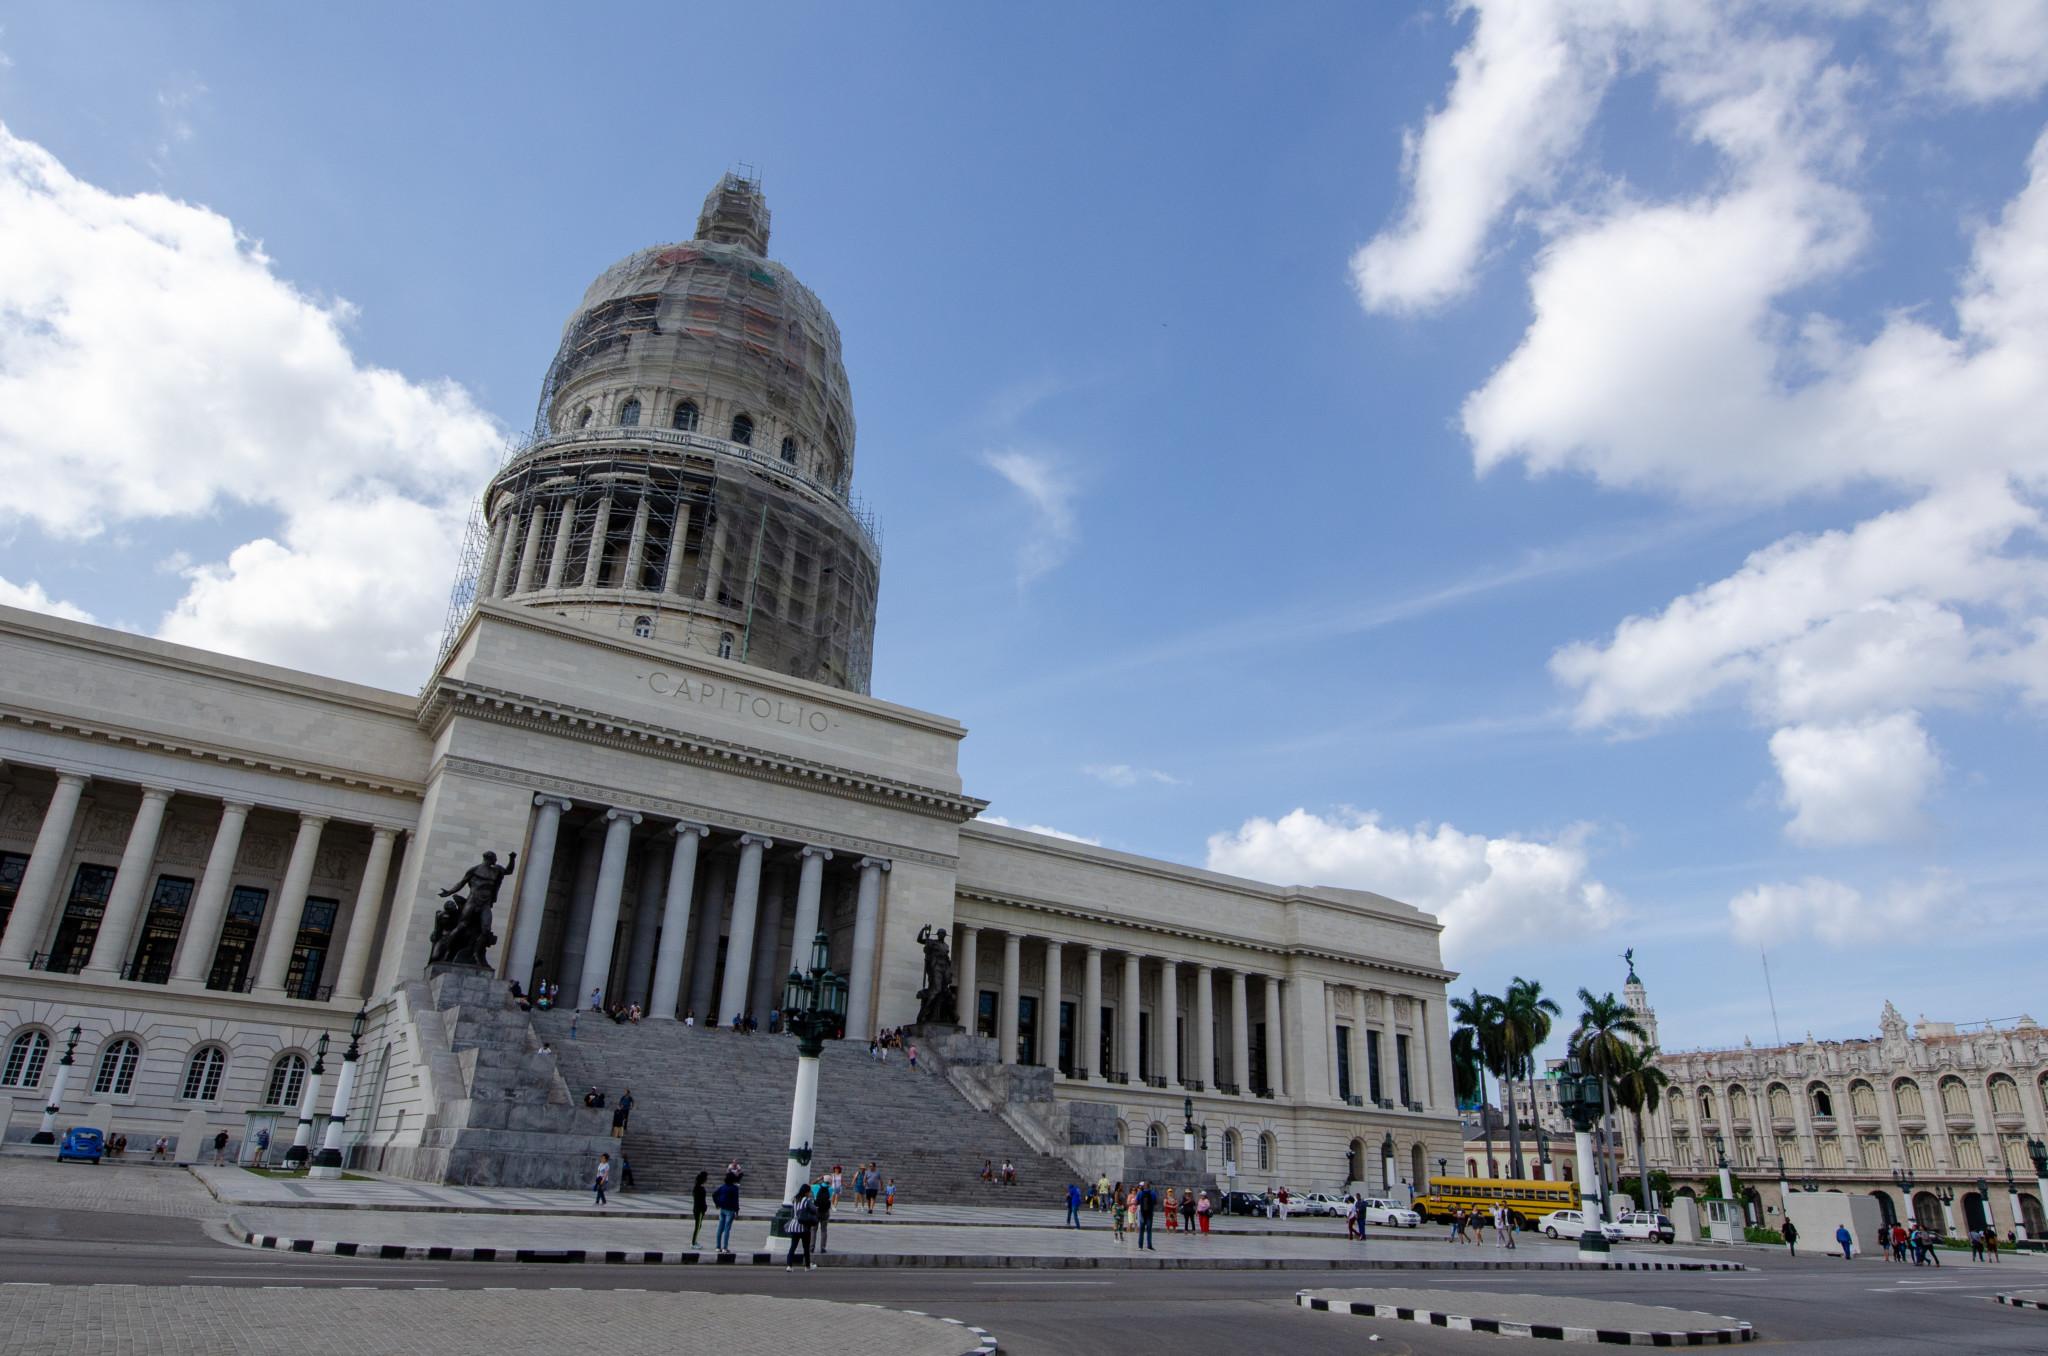 Das Capitolio gehört zu den wichtigsten Sehenswürdigkeiten in Havanna